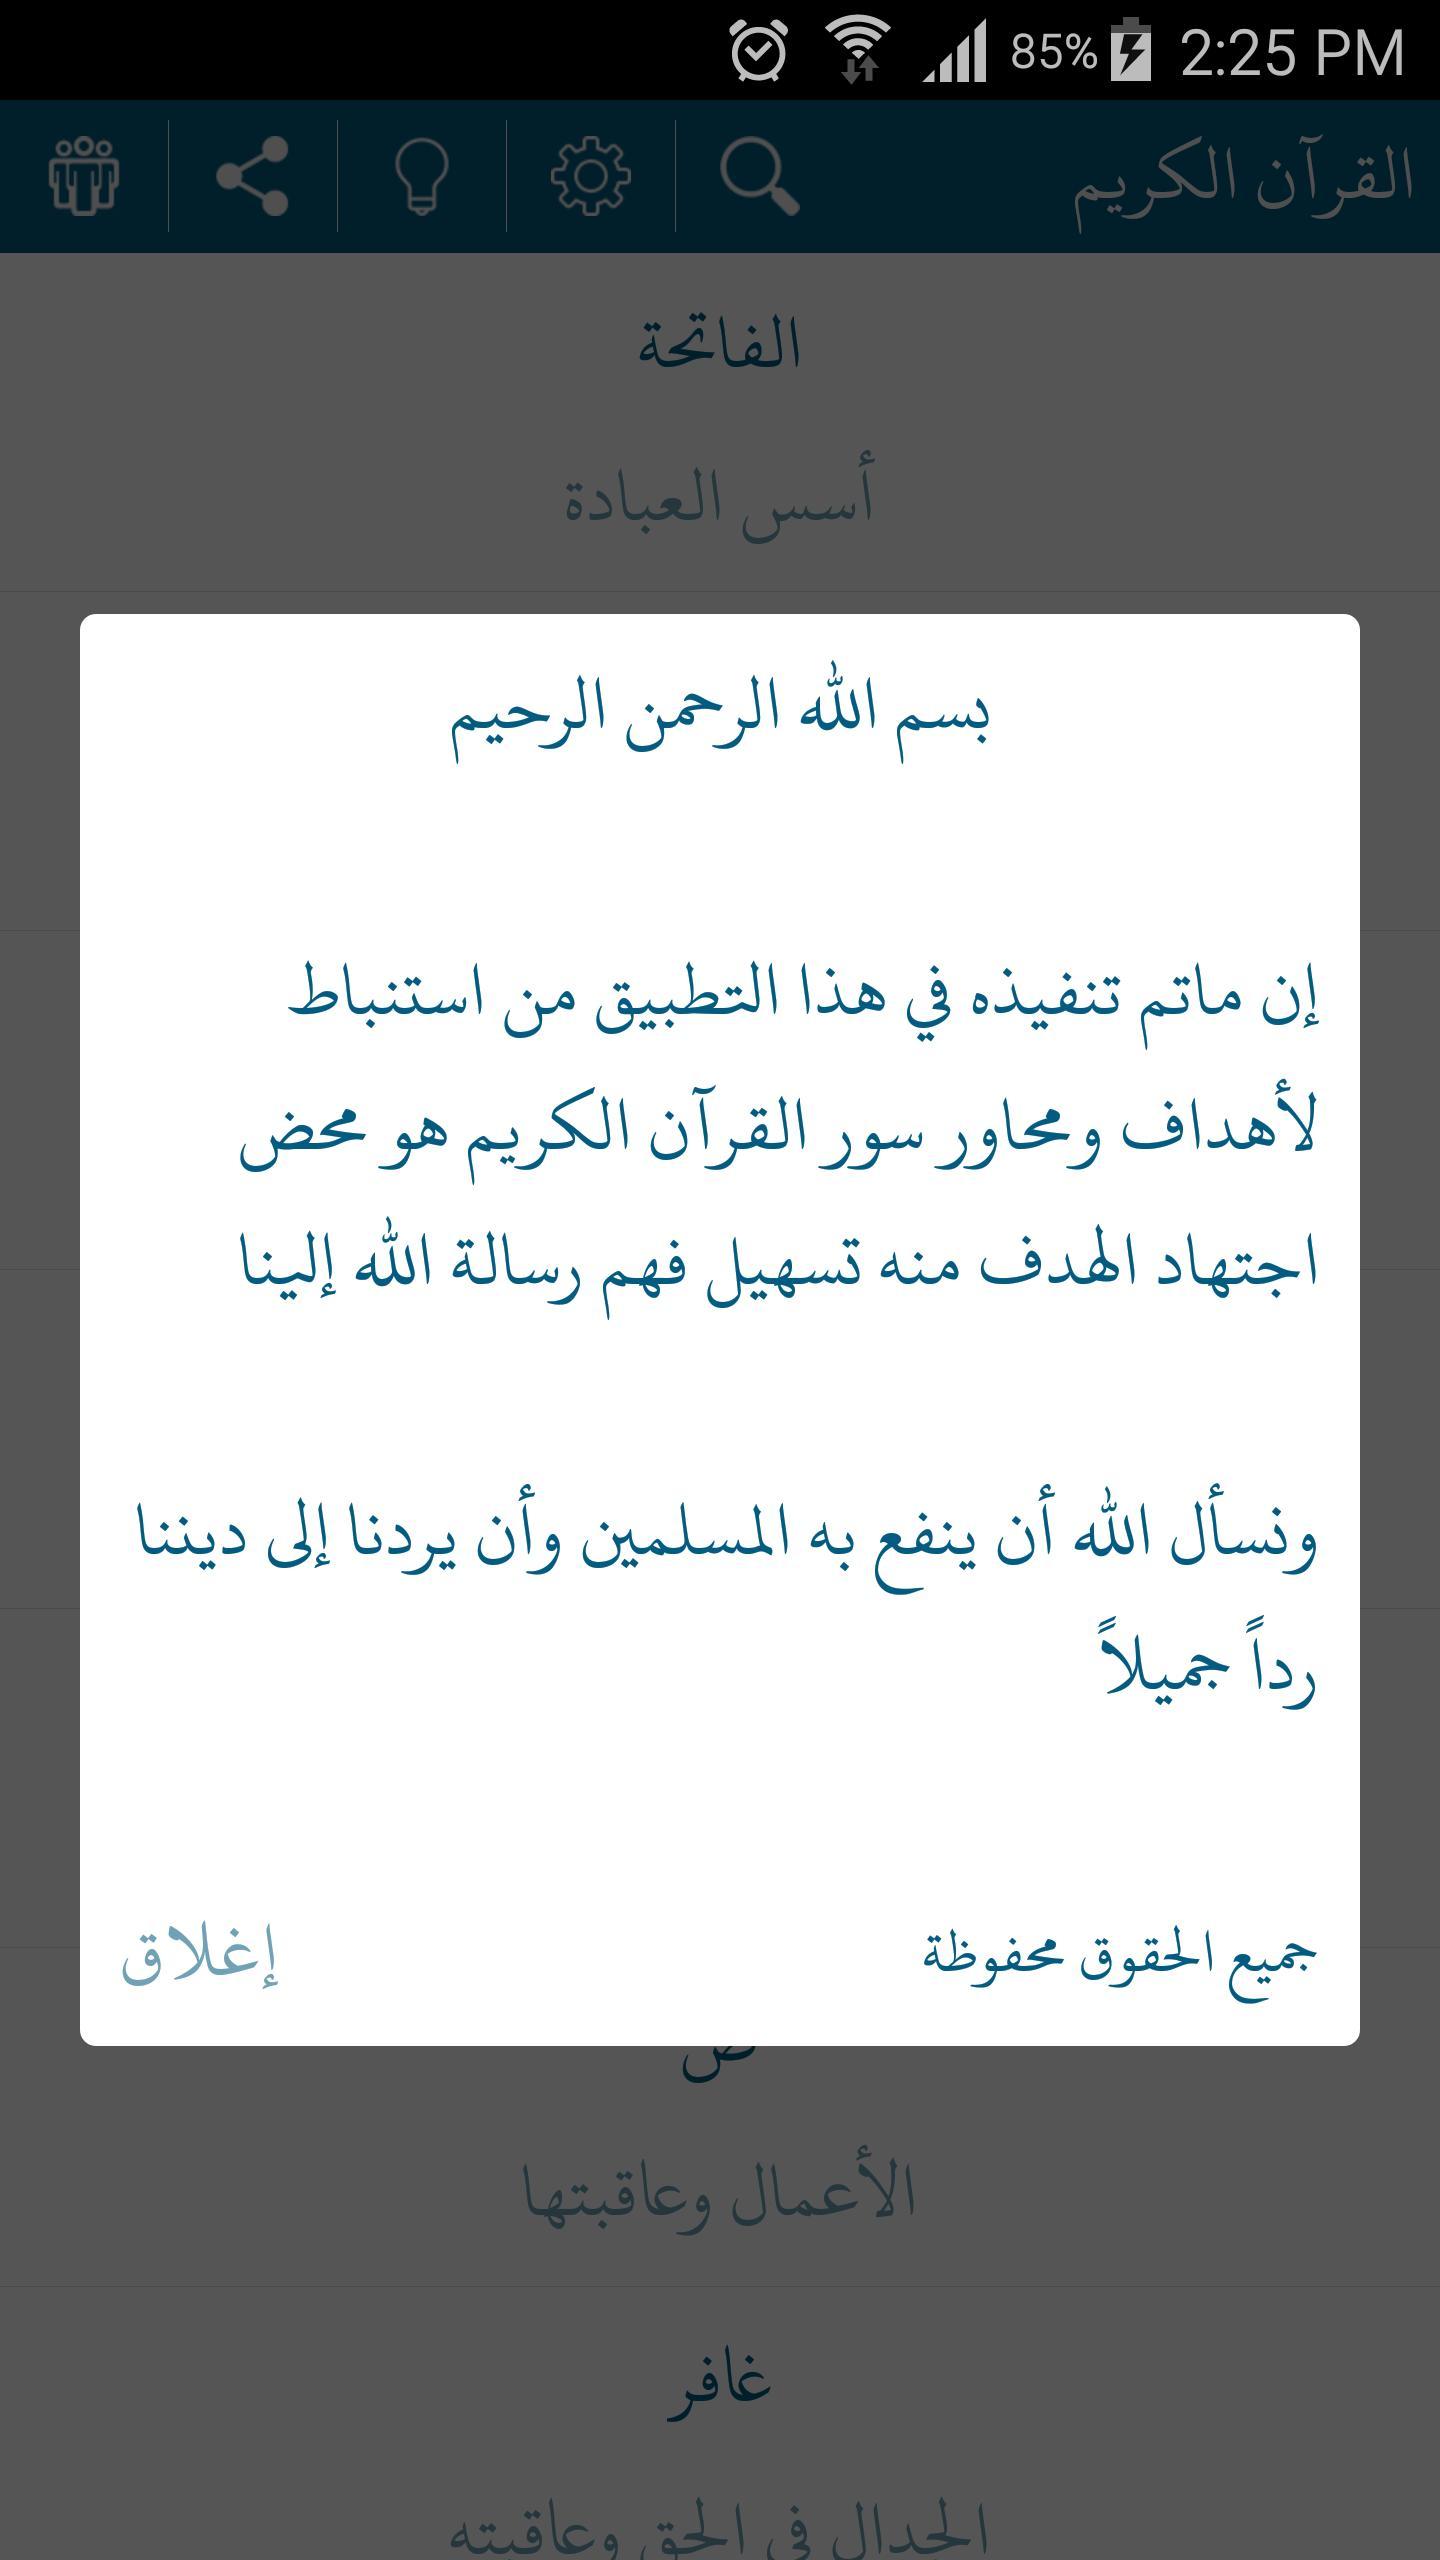 أسلوب آخر لفهم القرآن الكريم poster